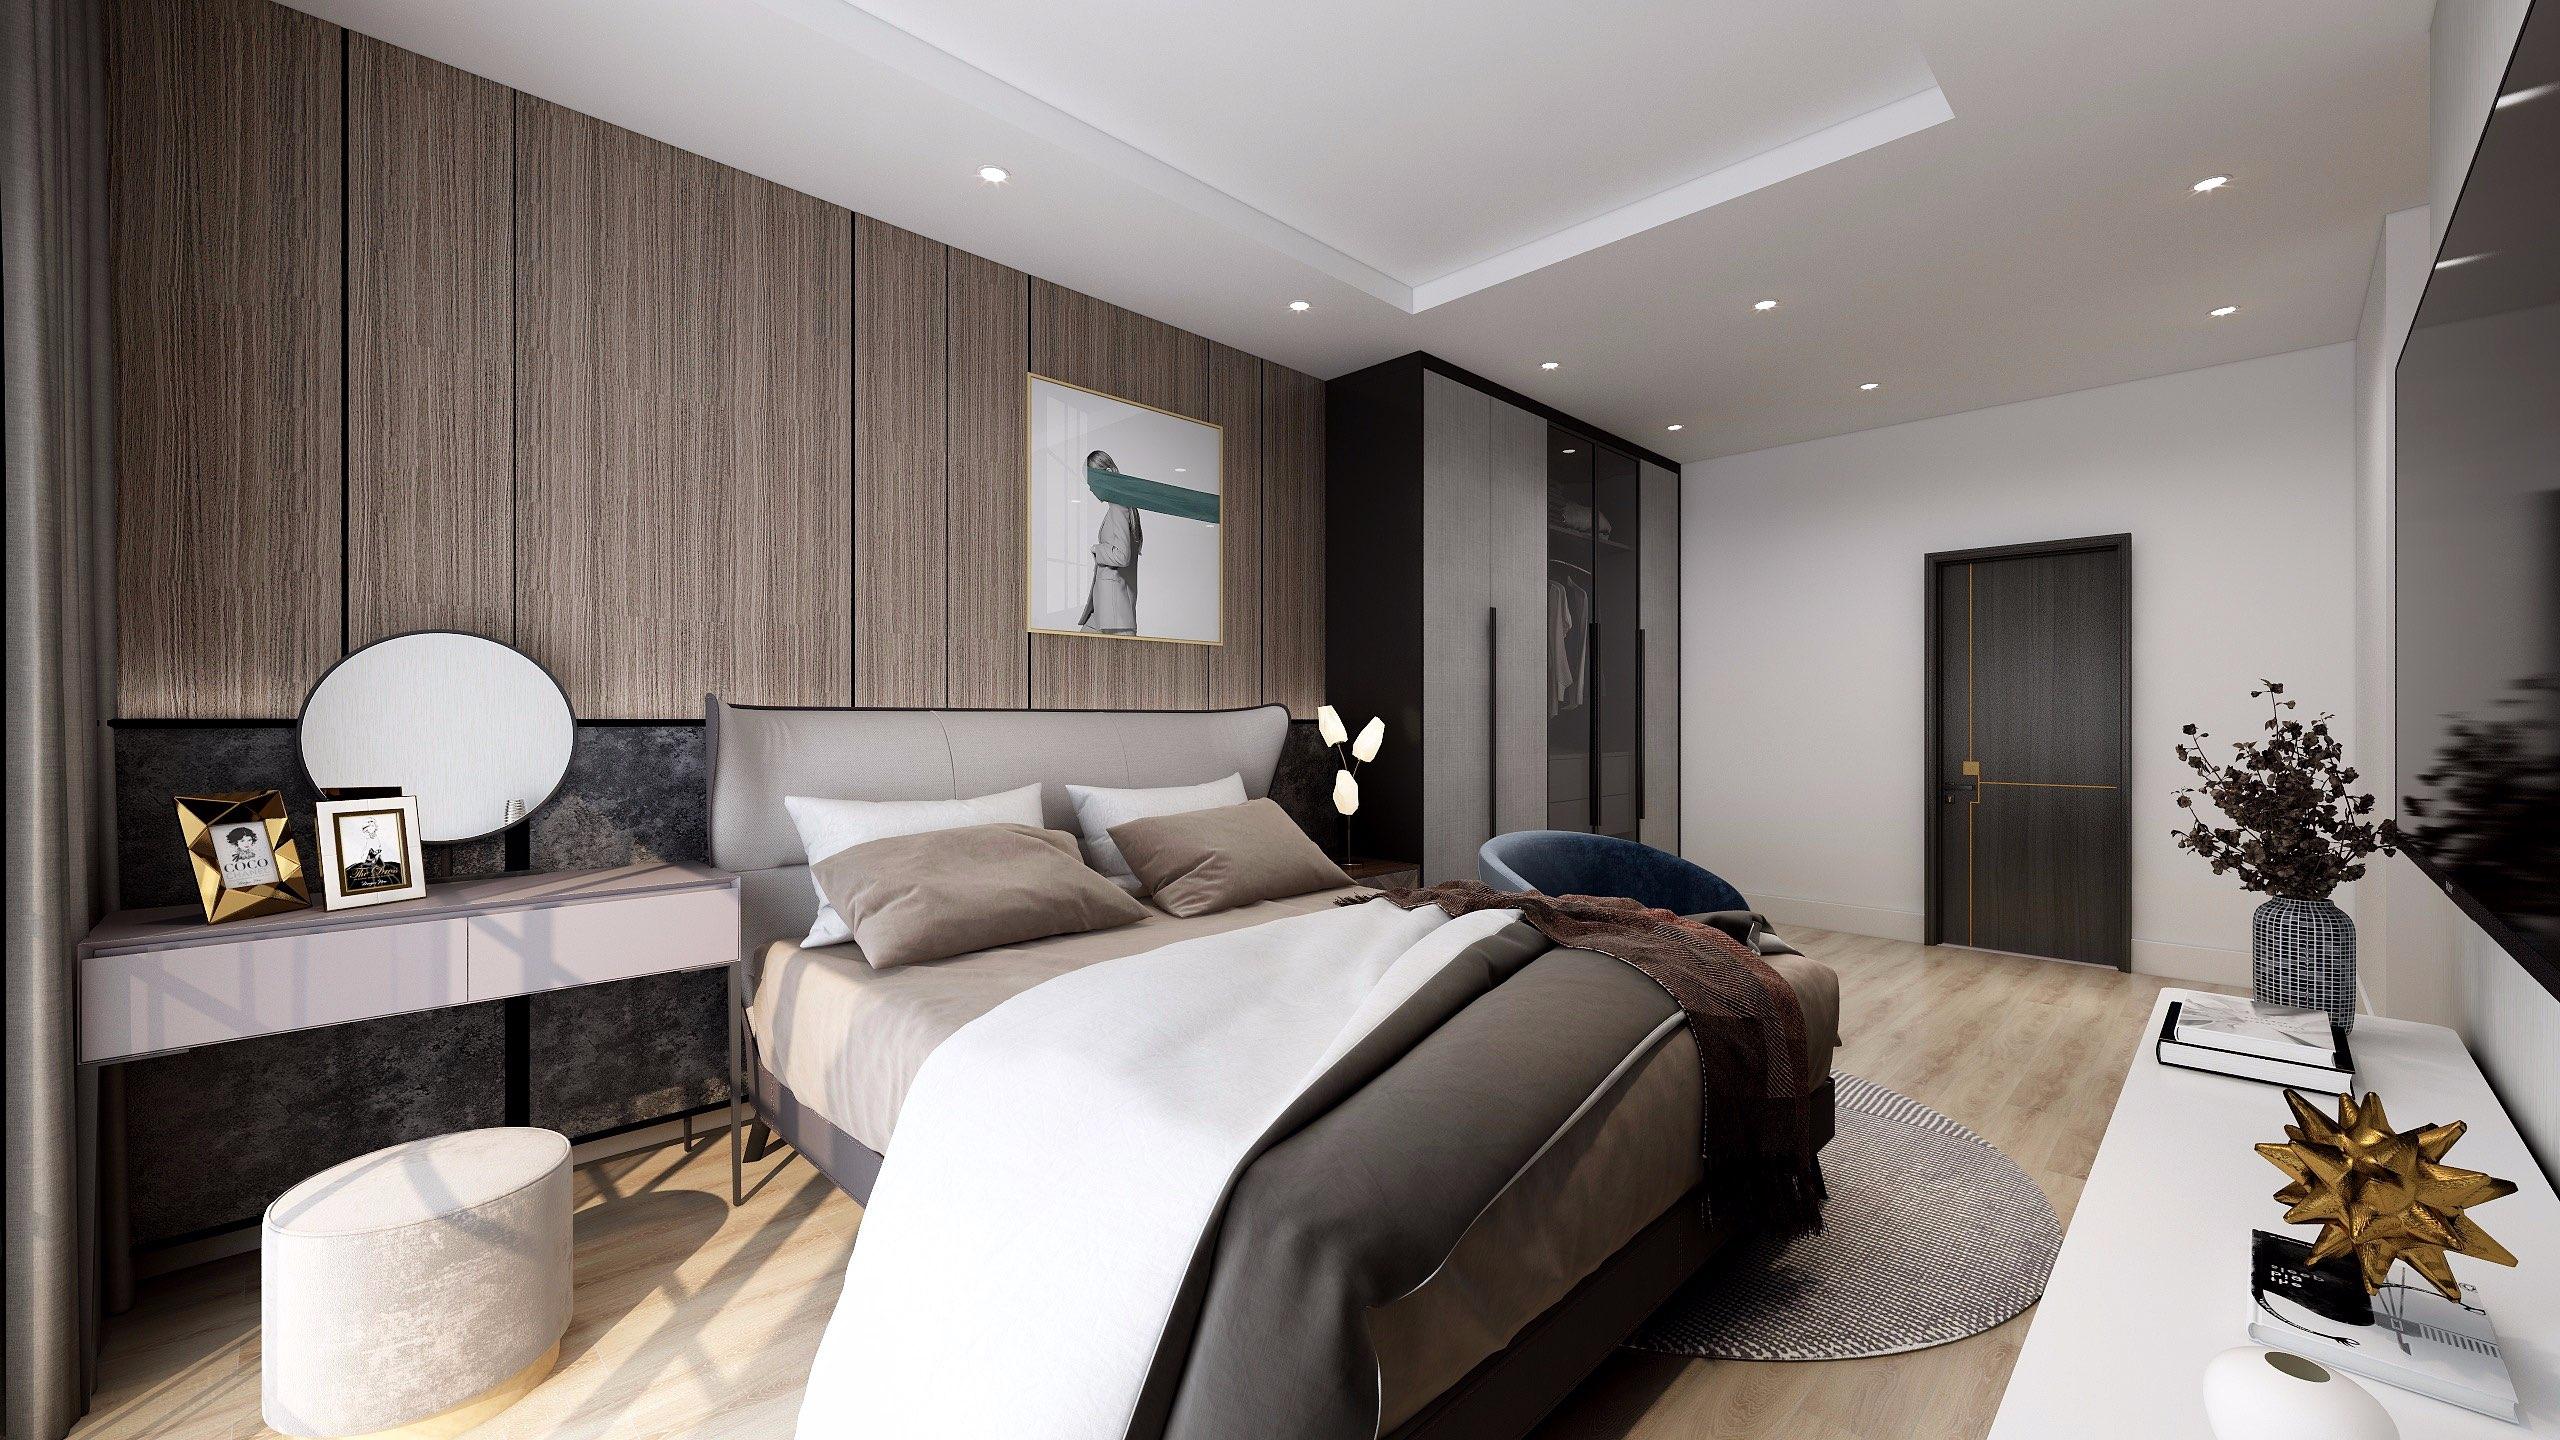 Lựa chọn giường ngủ có màu sắc hài hoà với phong cách thiết kế và đồ nội thất sẽ mang đến một tổng thể đẹp mắt, sang trọng.